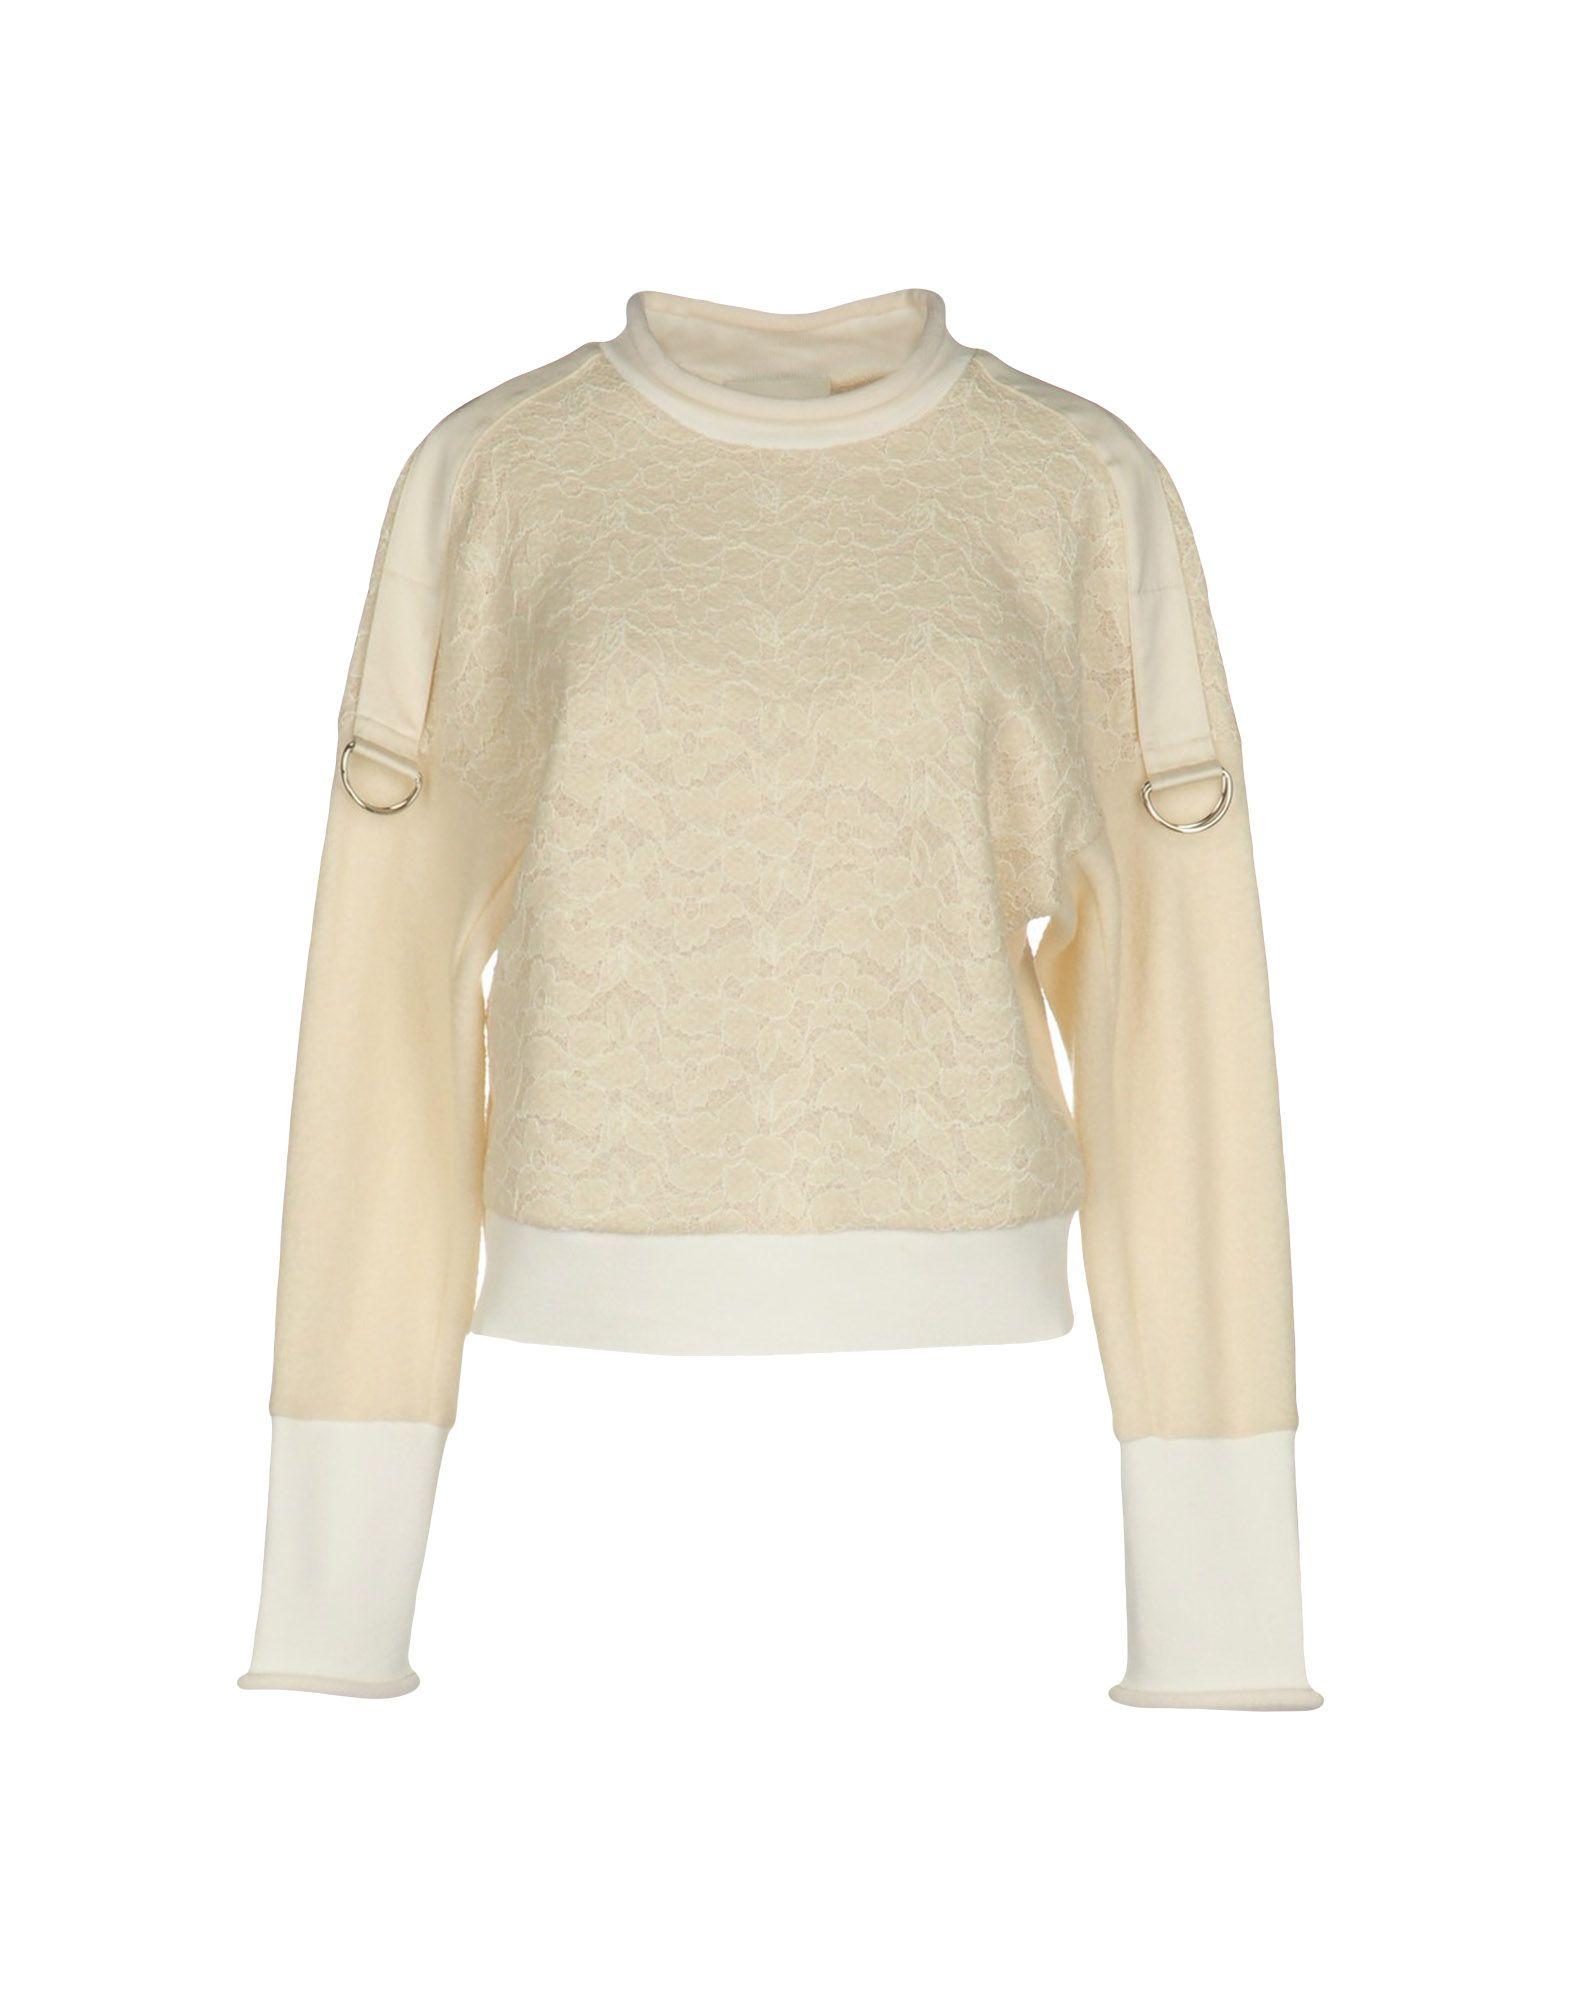 3.1 PHILLIP LIM Damen Rollkragenpullover Farbe Elfenbein Größe 5 jetztbilligerkaufen